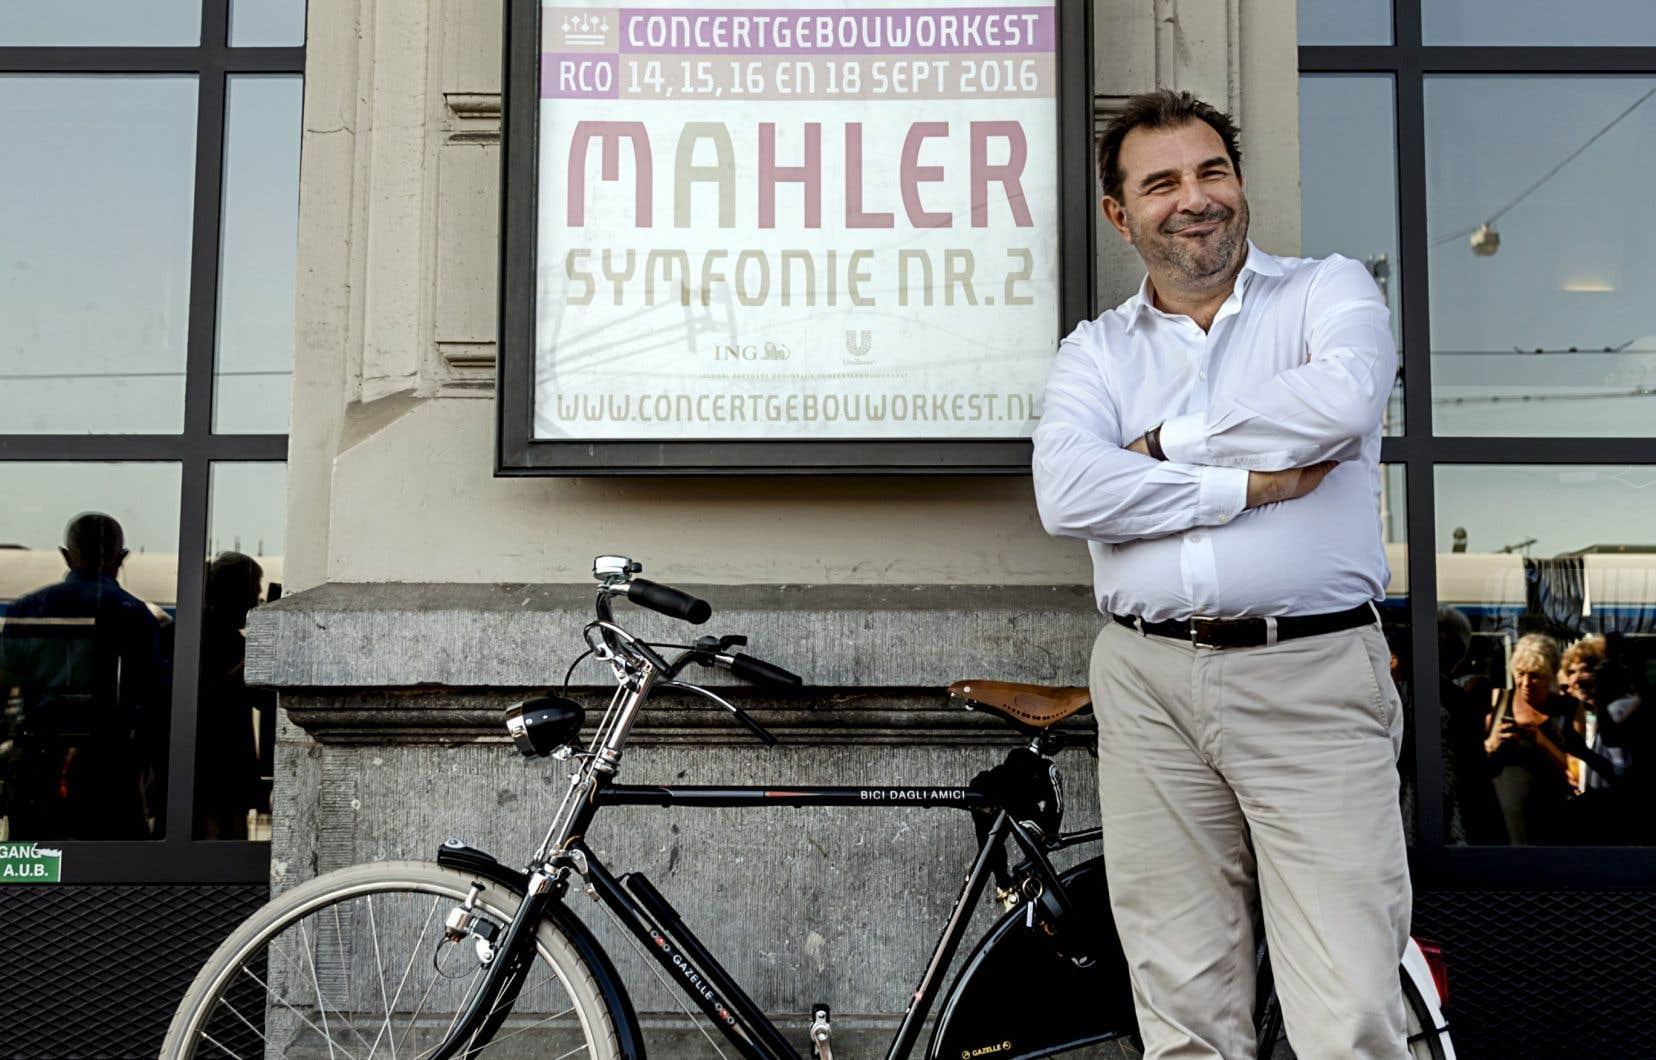 L'Italien Daniele Gattia dirigé l'Orchestre National de Radio France de 2008 jusqu'en 2016, année où il a pris la tête du Royal Concertgebouw Orchestra d'Amsterdam.